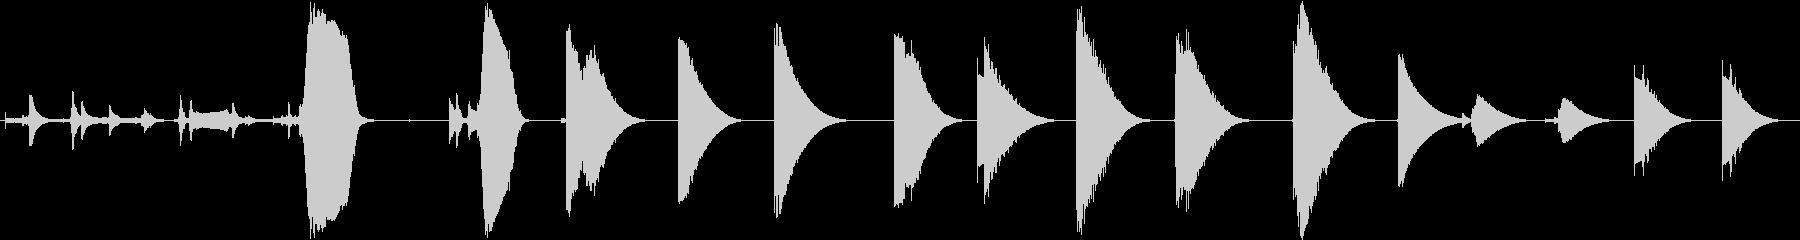 トーンザップレーザー各種の未再生の波形